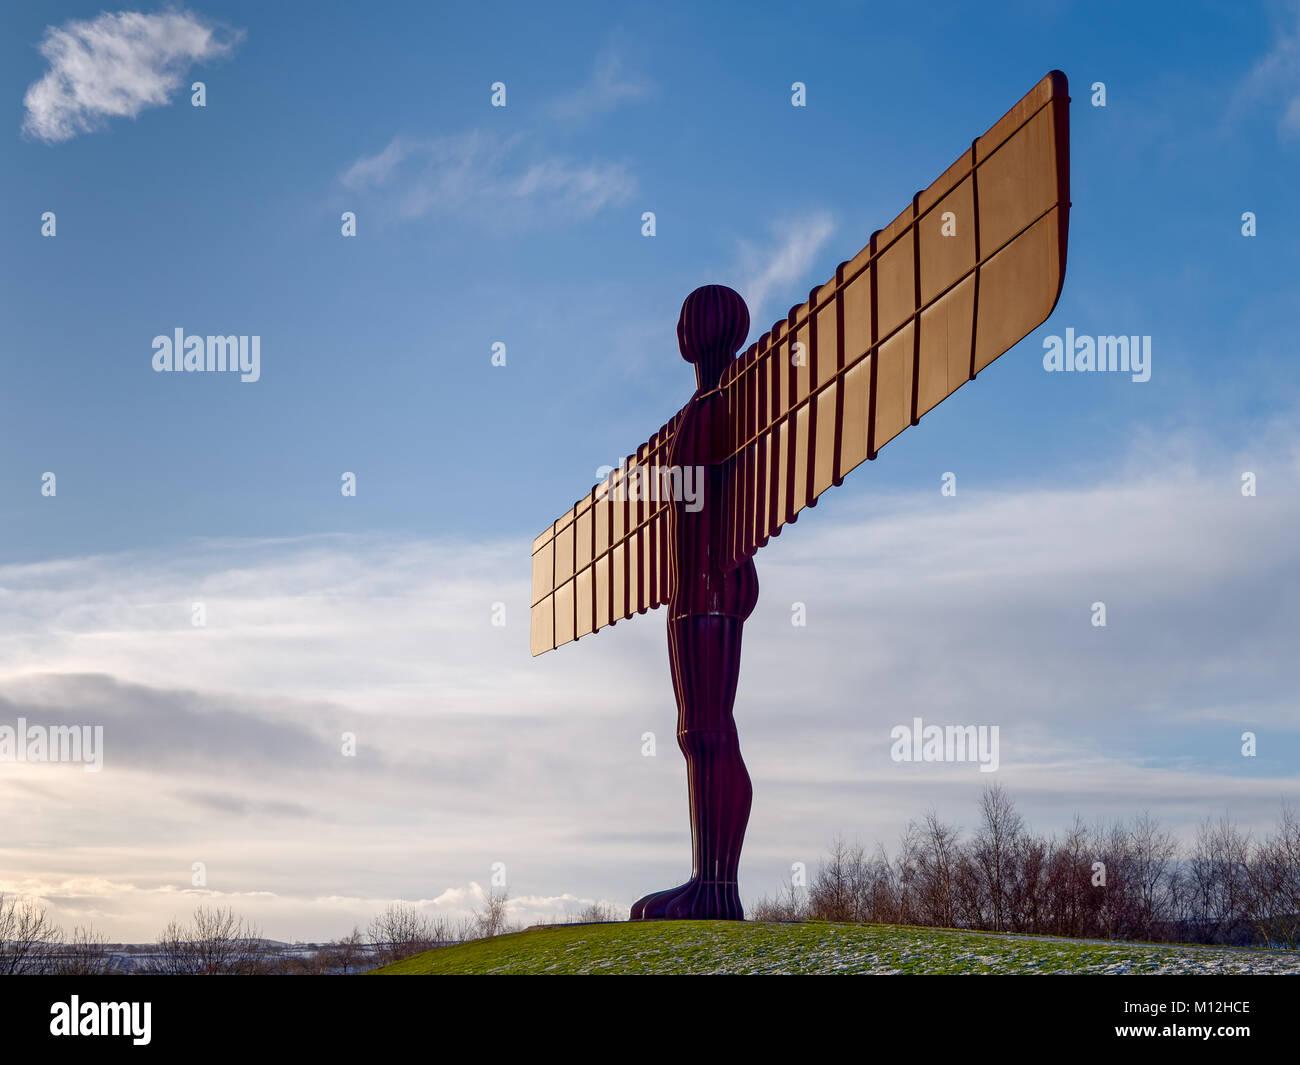 GATESHEAD, Tyne and Wear/UK - gennaio 19 : Vista di angelo del nord di una scultura in Gateshead, Tyne and Wear Immagini Stock